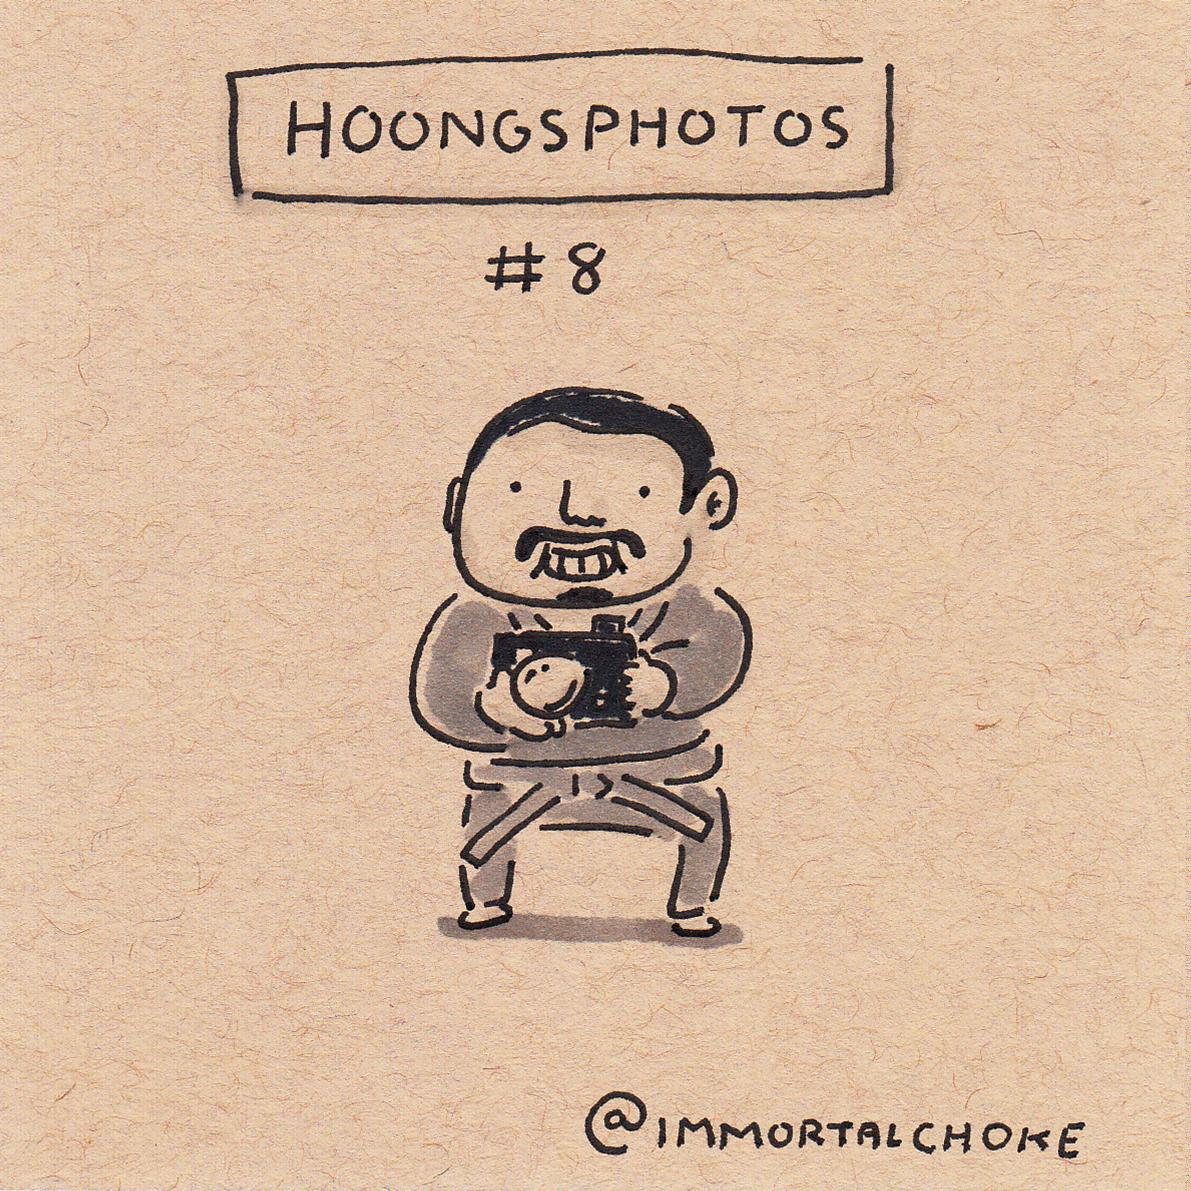 8---hoongsphotos.jpg